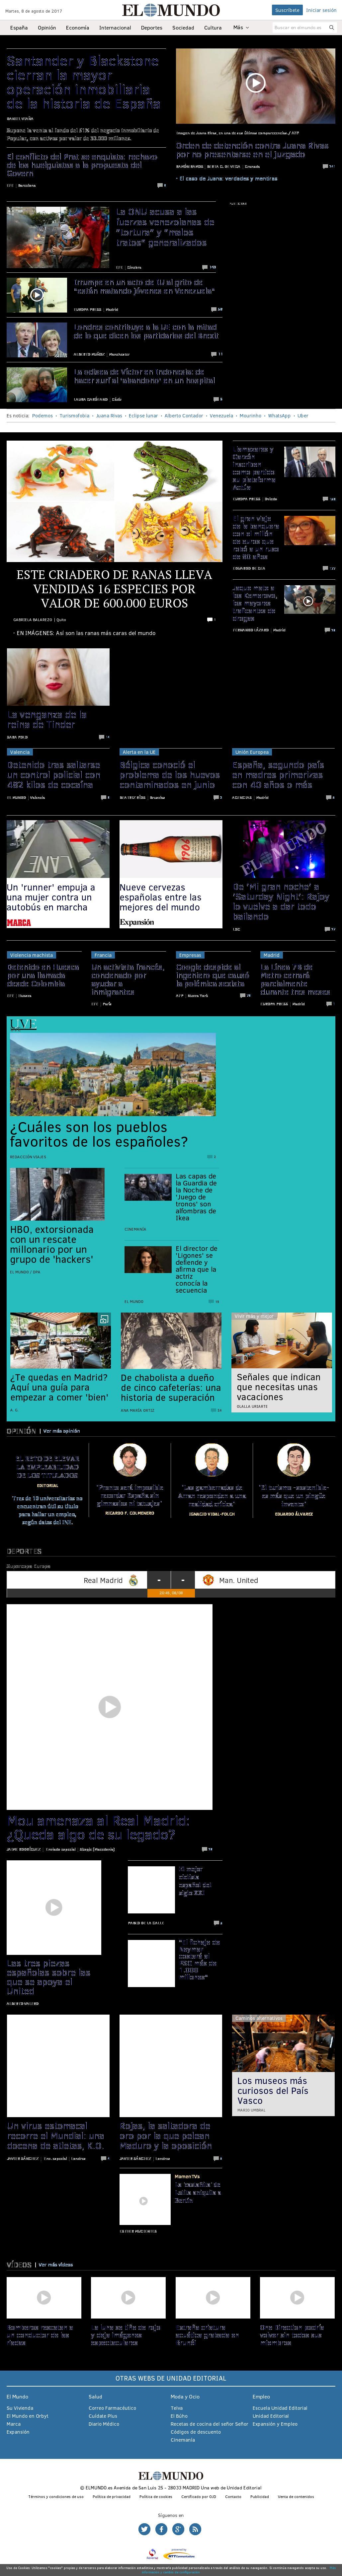 El Mundo at Tuesday Aug. 8, 2017, 4:12 p.m. UTC